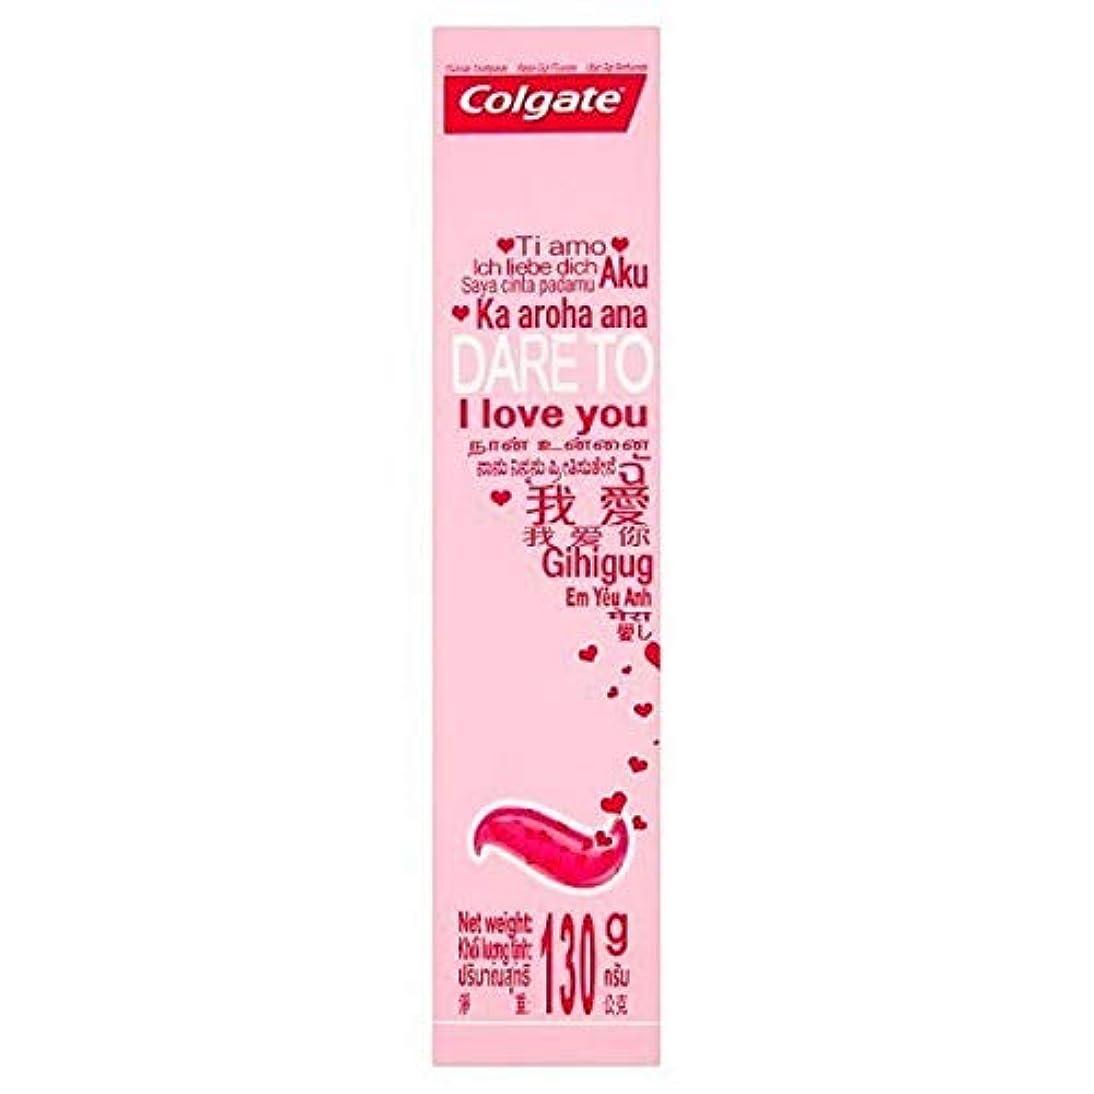 ギャラントリーこする床[Colgate ] コルゲートは、歯磨き粉の130グラムを愛することを敢えて - Colgate Dare To Love Toothpaste 130g [並行輸入品]